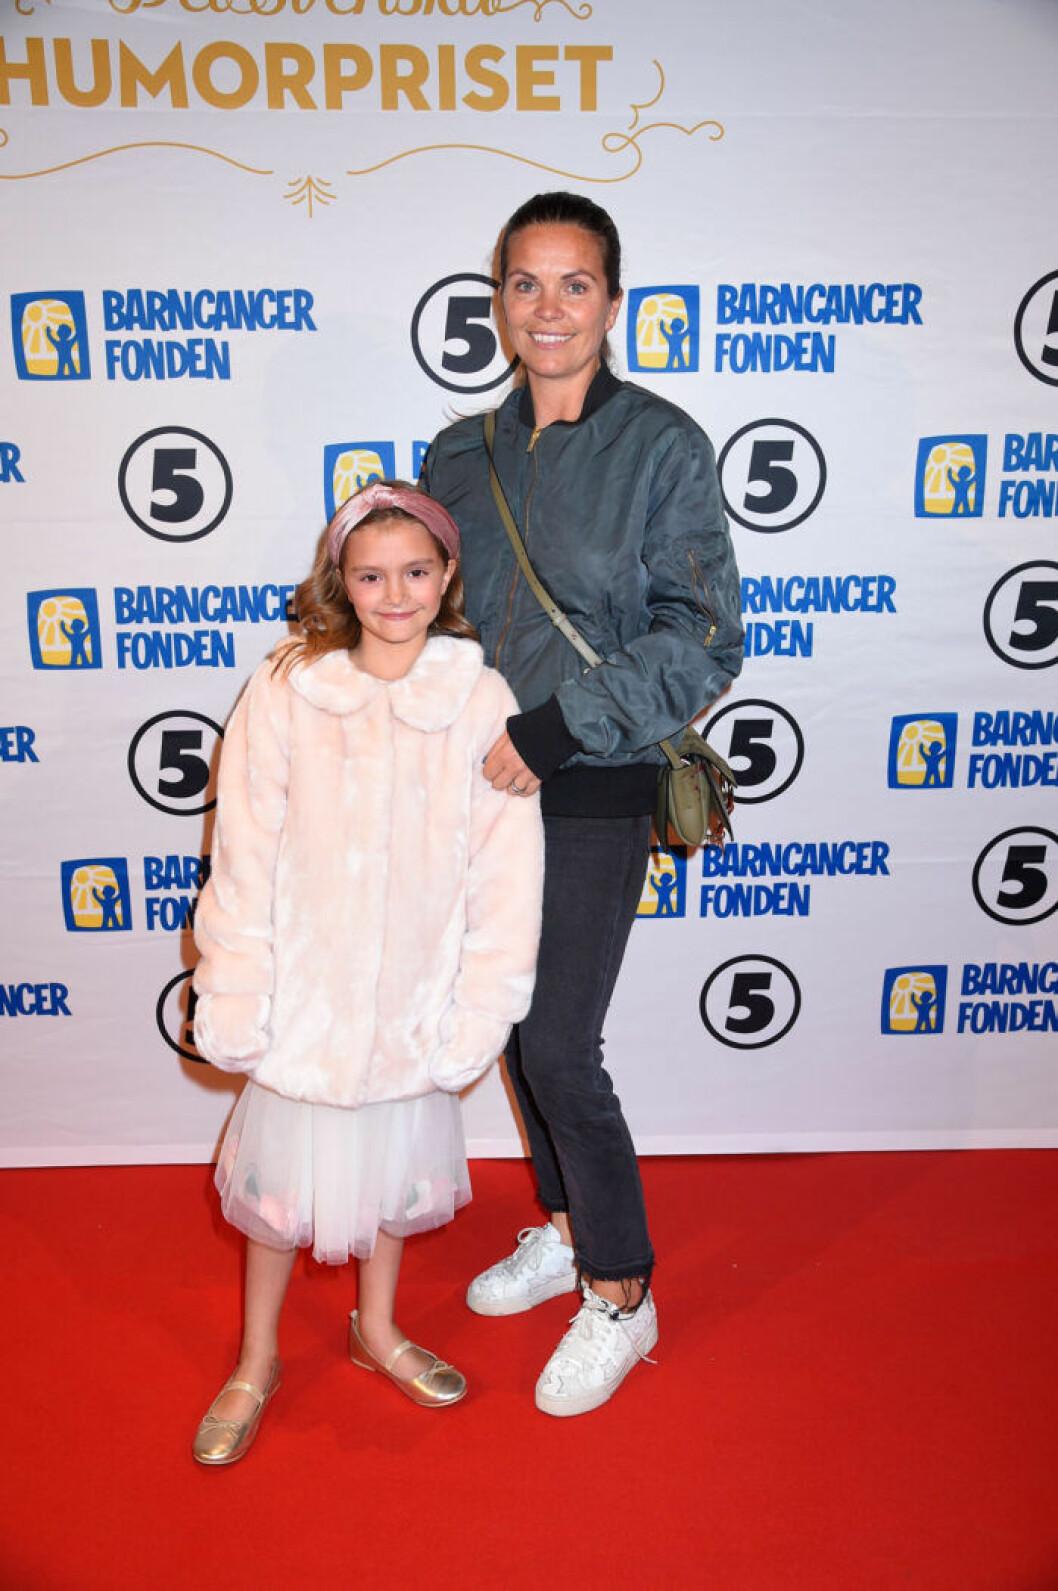 Clara Herngren med dotter Iris Herngren på röda mattan på Barncancergalan 2019